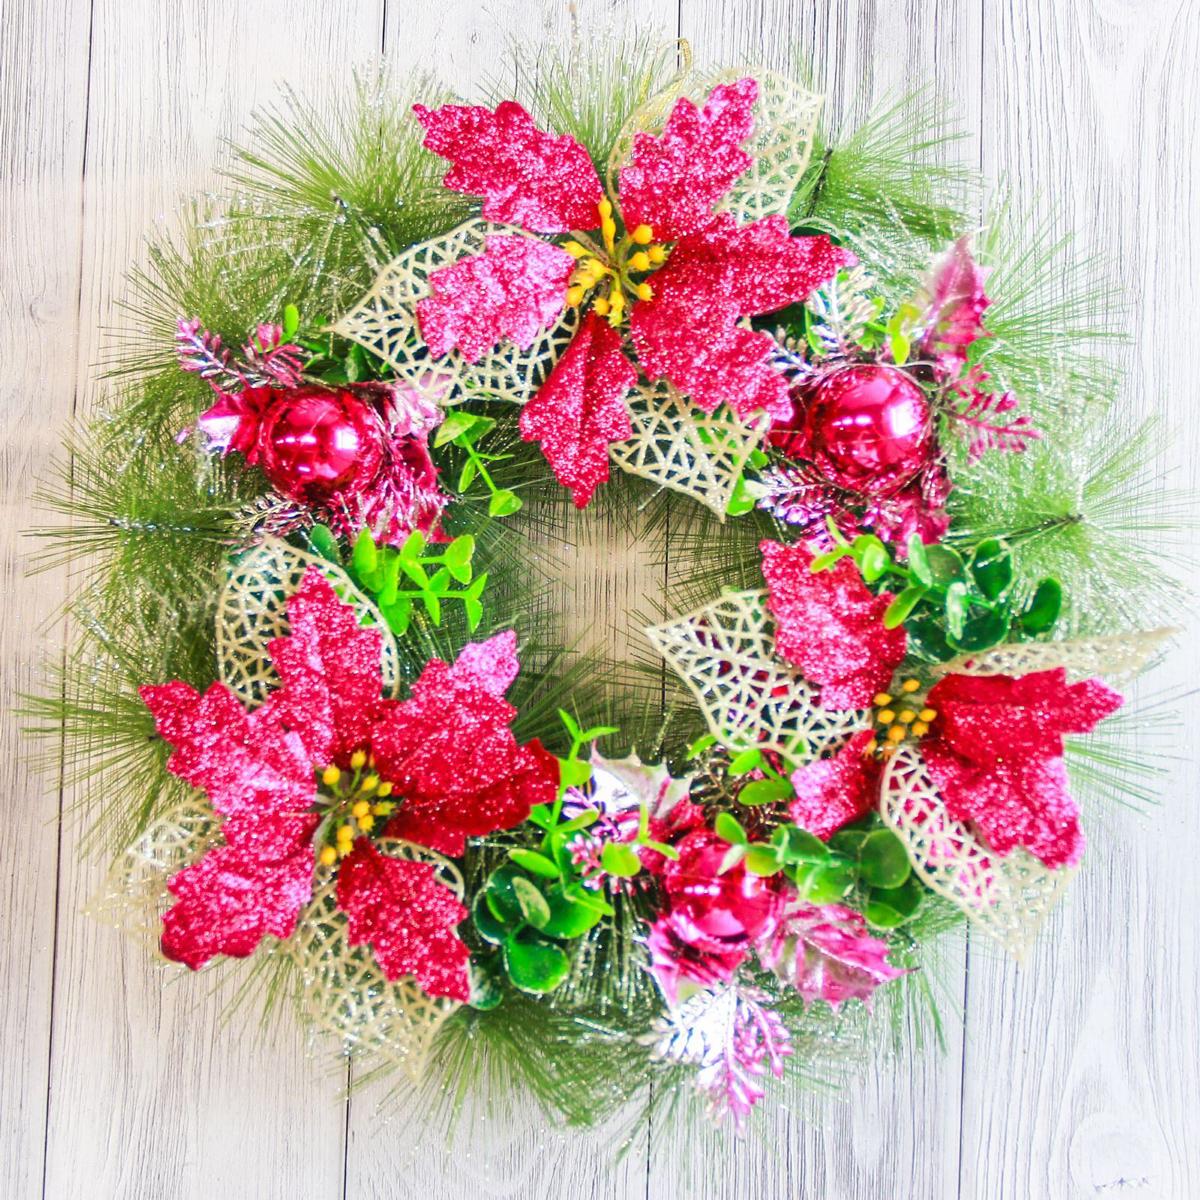 Венок новогодний NoName С малиновыми цветами и шарами, диаметр 30 см2372107Невозможно представить нашу жизнь без праздников! Мы всегда ждем их и предвкушаем, обдумываем, как проведем памятный день, тщательно выбираем подарки и аксессуары, ведь именно они создают и поддерживают торжественный настрой. Это отличный выбор, который привнесет атмосферу праздника в ваш дом!